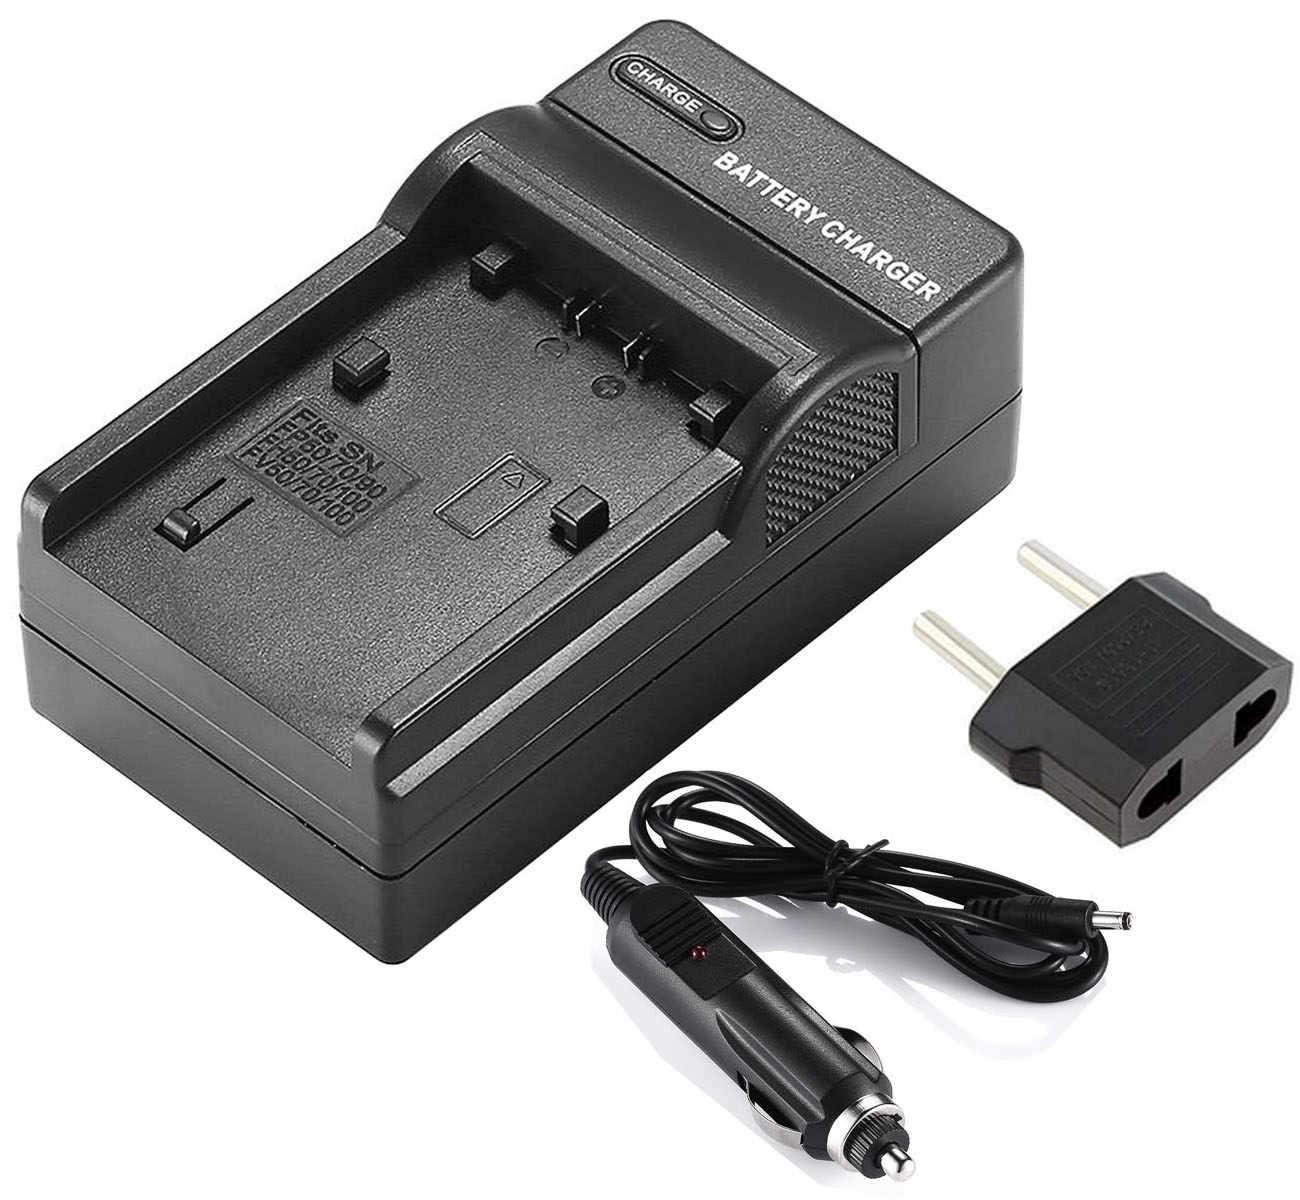 DCR-DVD610E AC Power Adapter Charger for Sony DCR-DVD110E DCR-DVD310E DCR-DVD510E DCR-DVD810E Handycam Camcorder DCR-DVD710E DCR-DVD410E